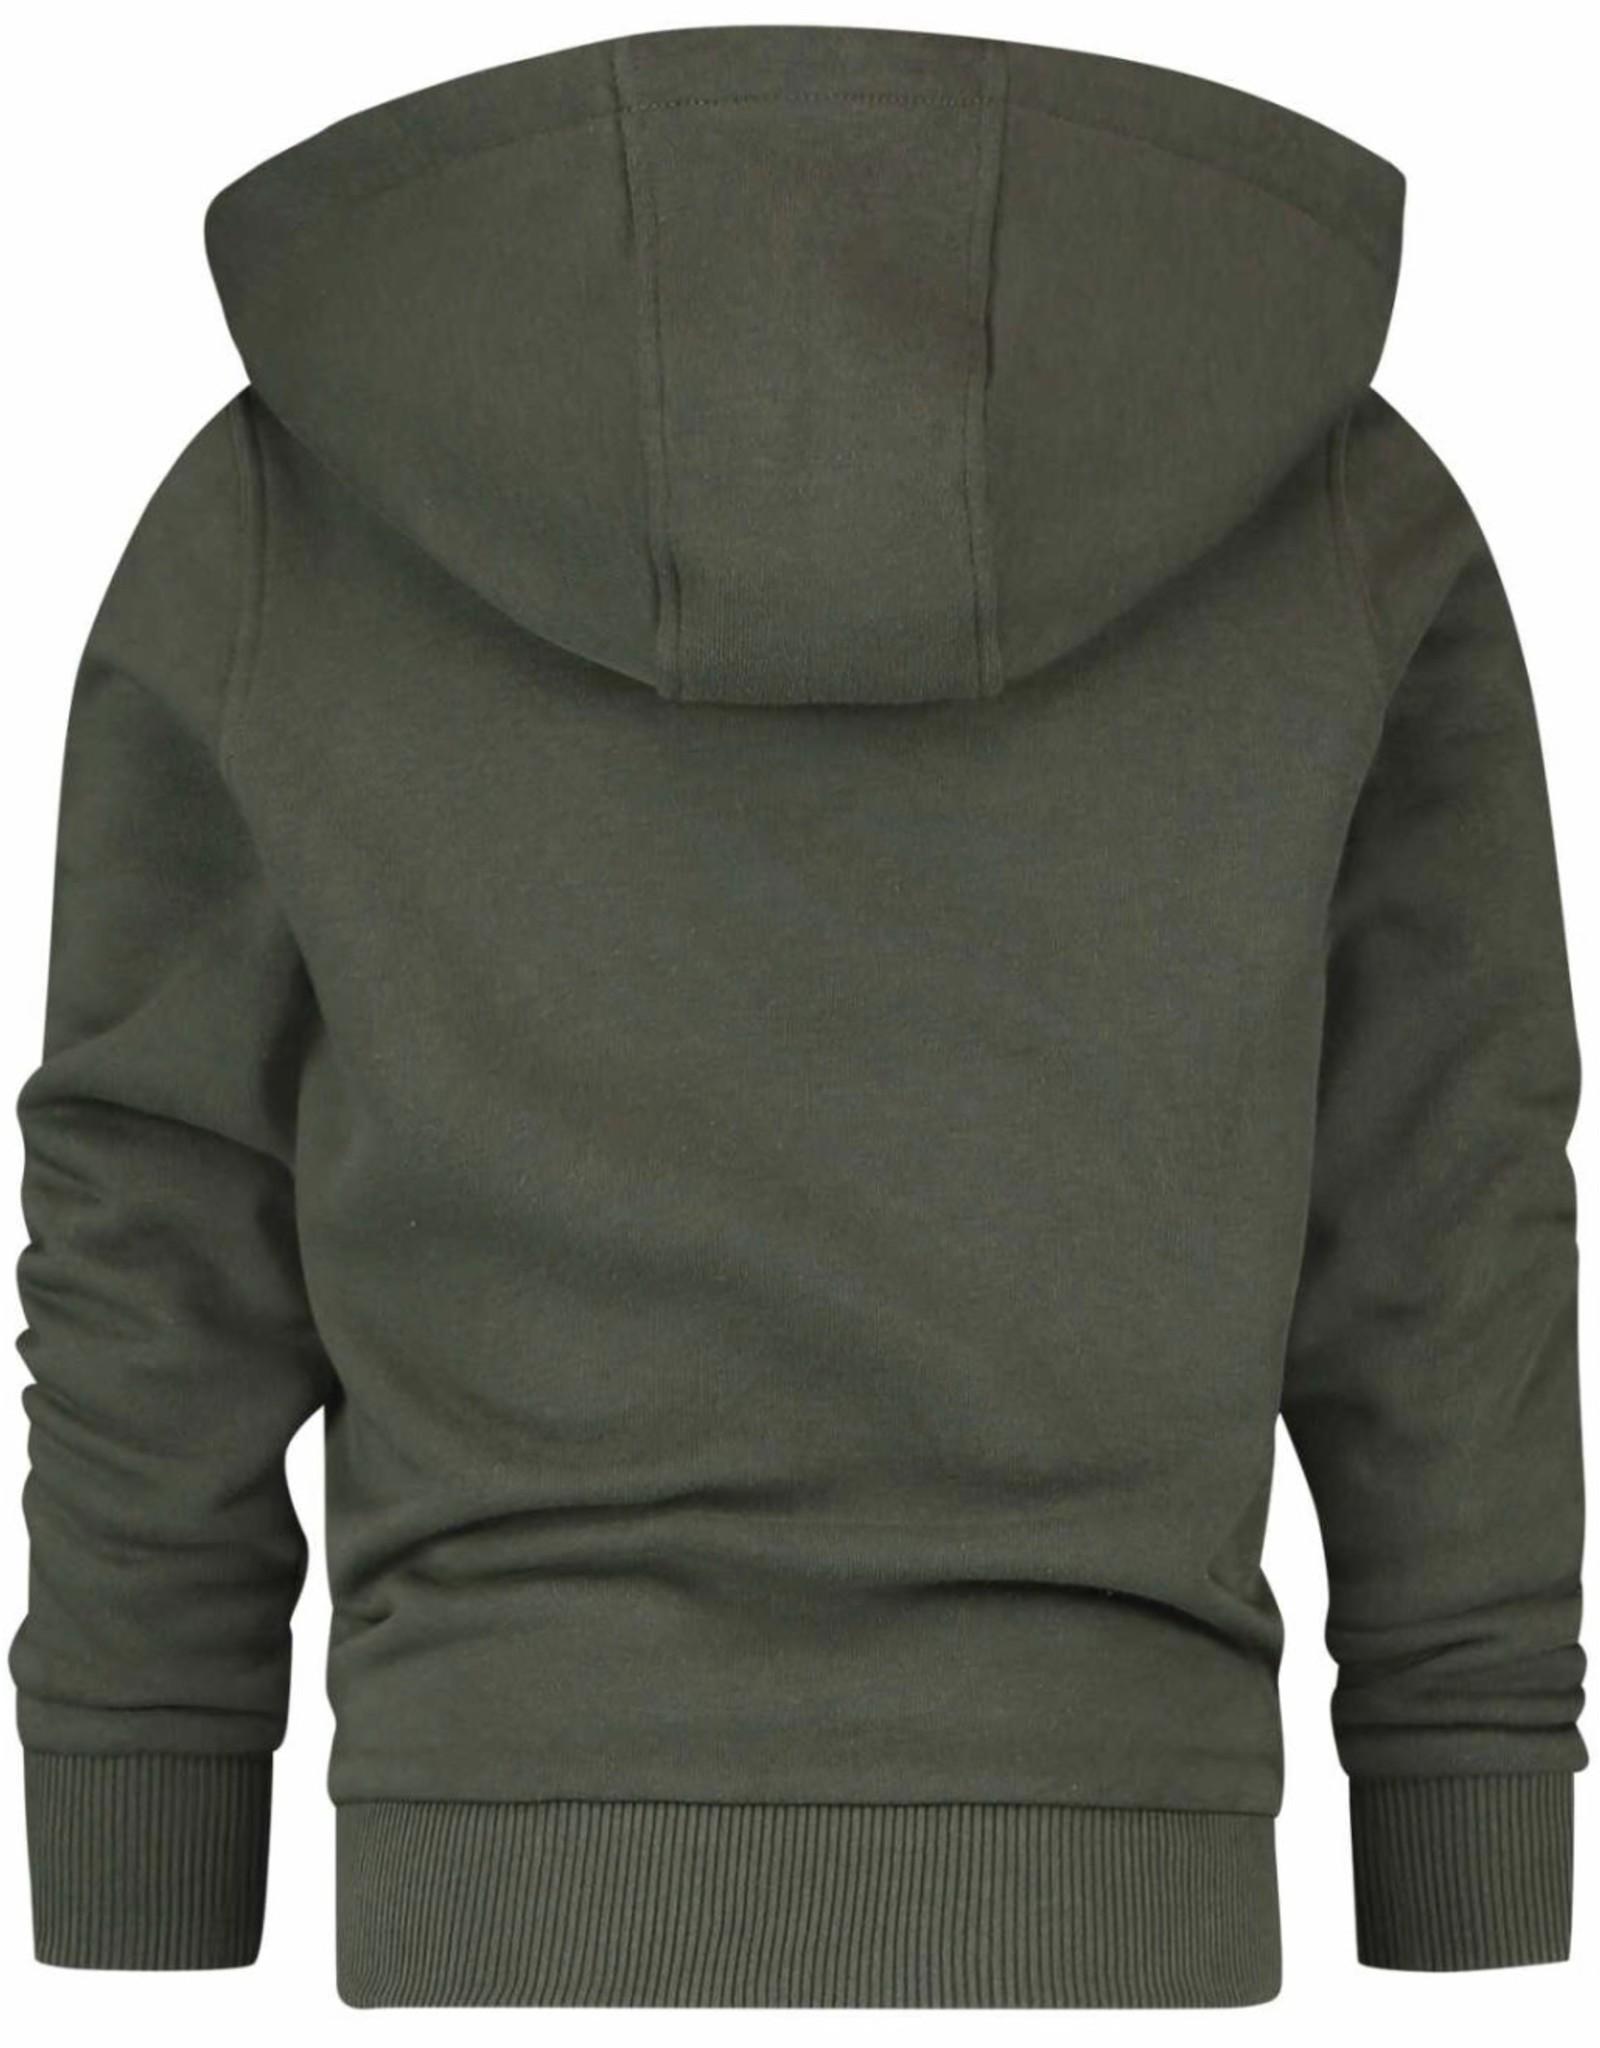 Raizzed Newton sweater